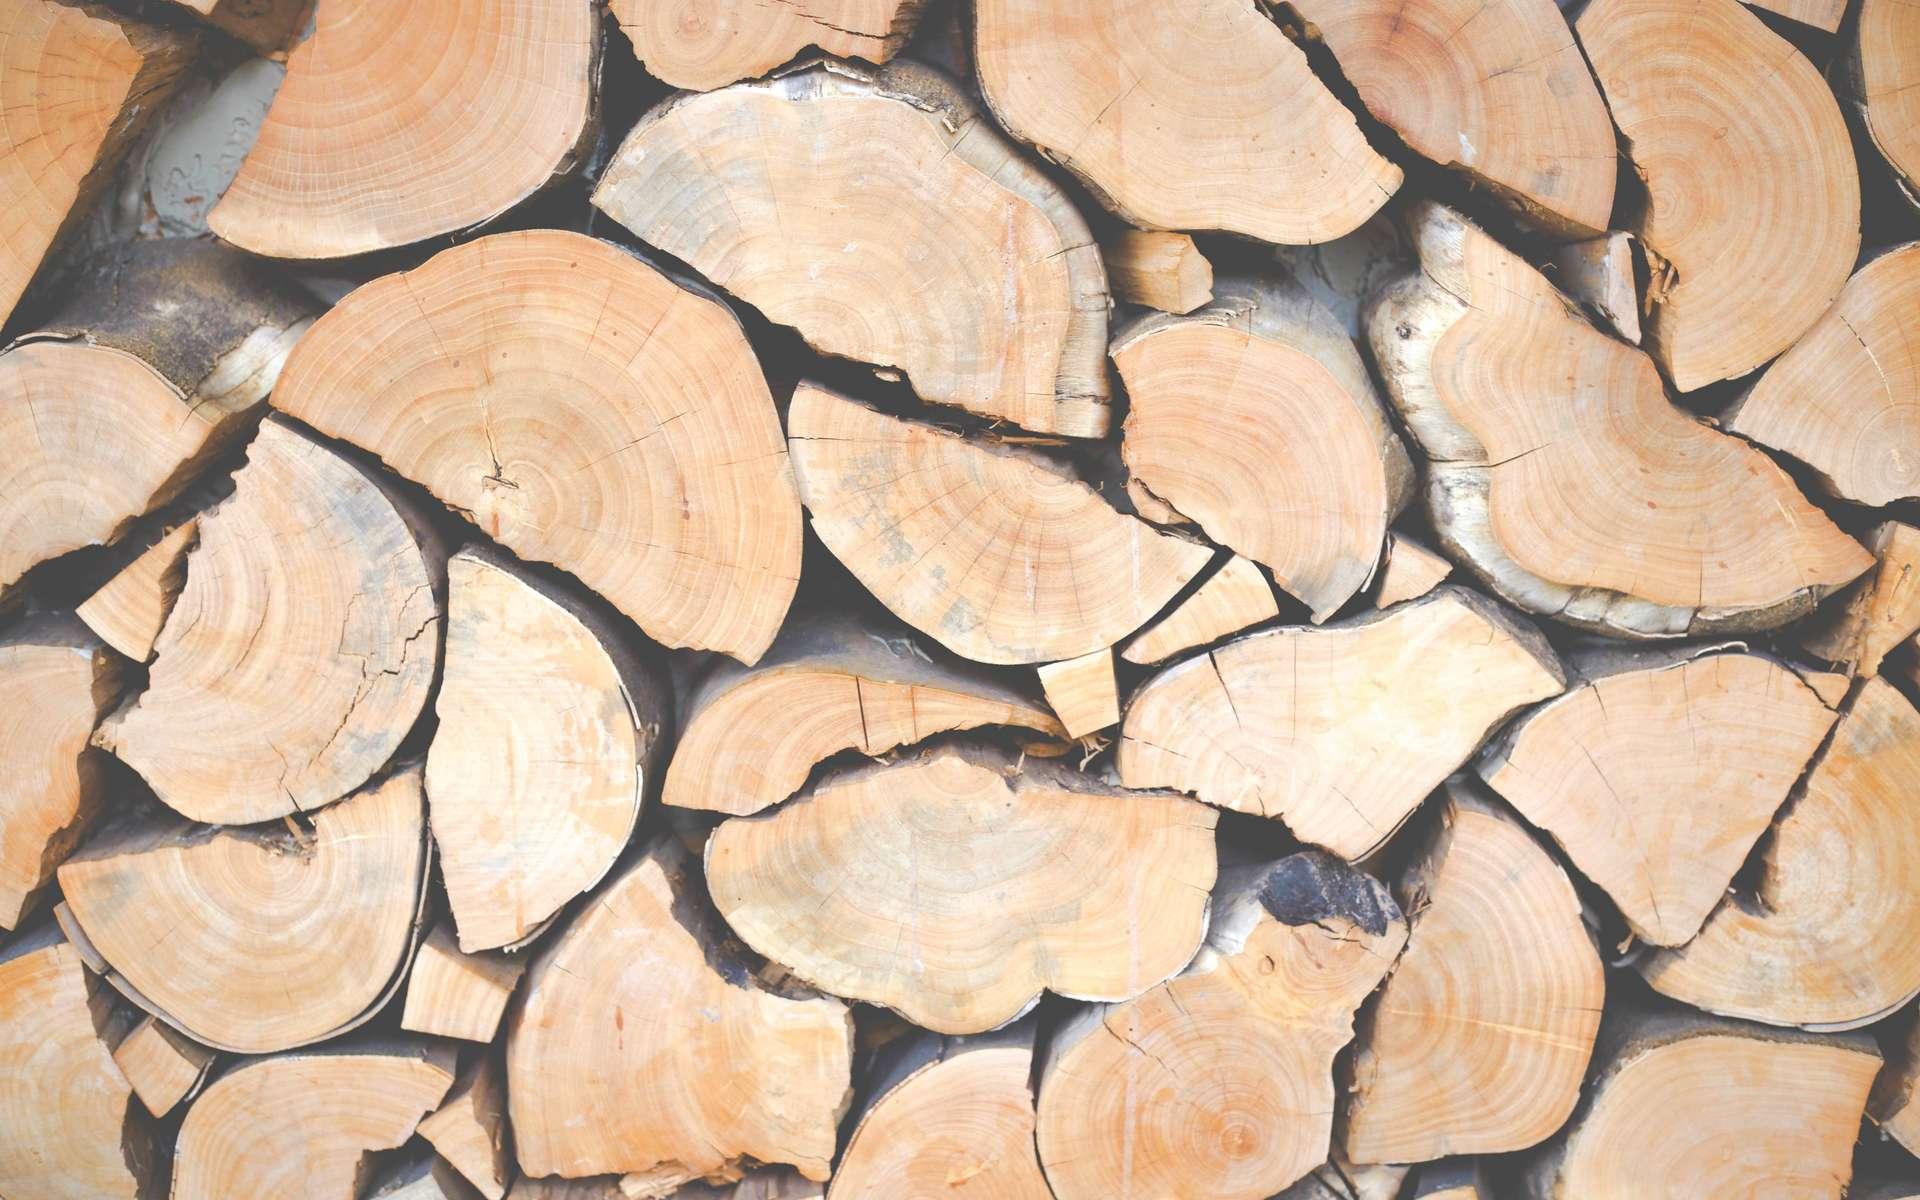 La lignine confère au bois sa rigidité et sa résistance mécanique. © Marion Michele, Unsplash